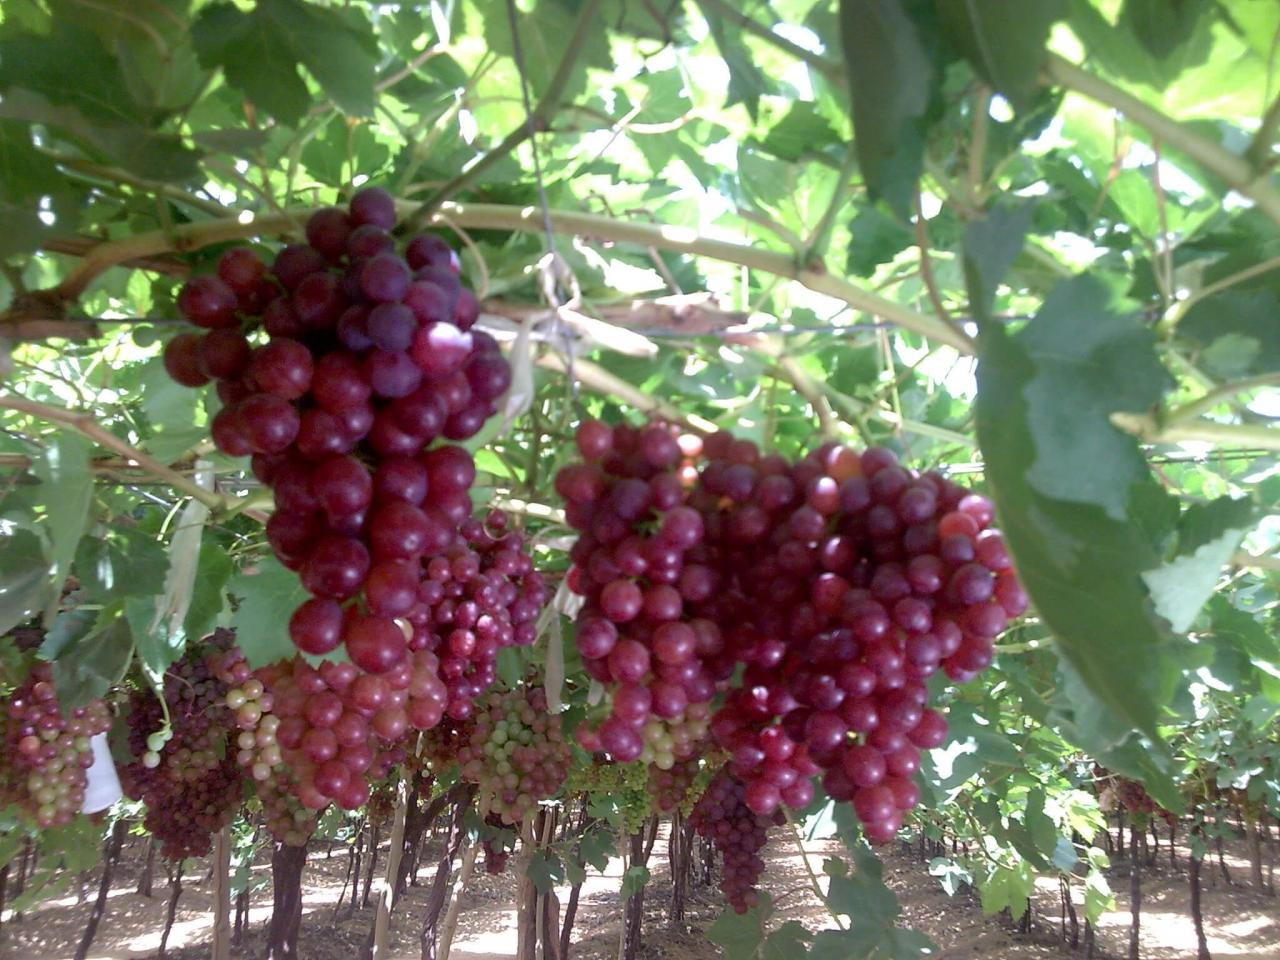 صورة زراعة العنب في المنزل , الوقت المناسب لزراعه العنب 2454 11